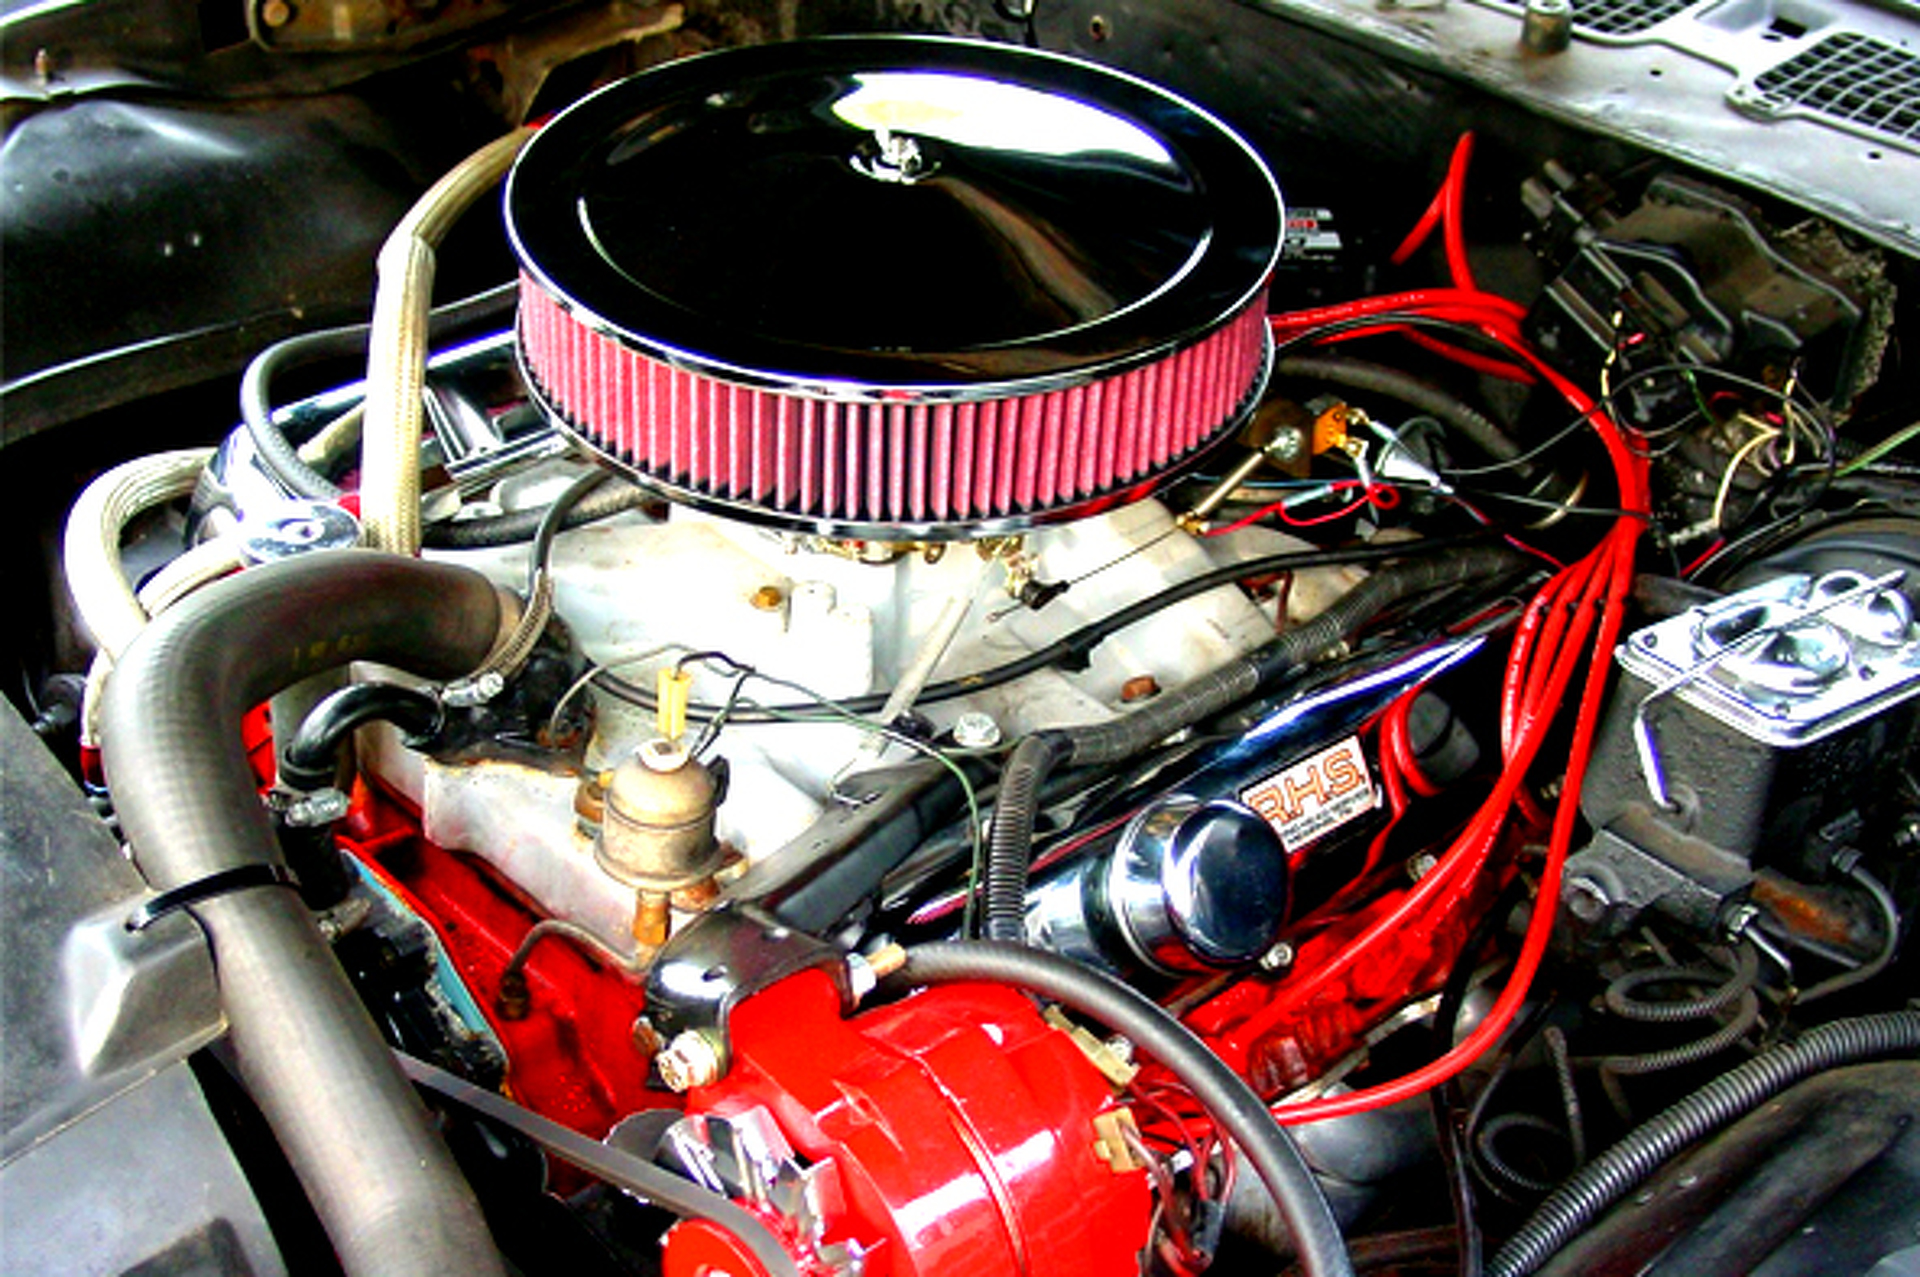 Your Ride: 1979 Pontiac Firebird Trans Am